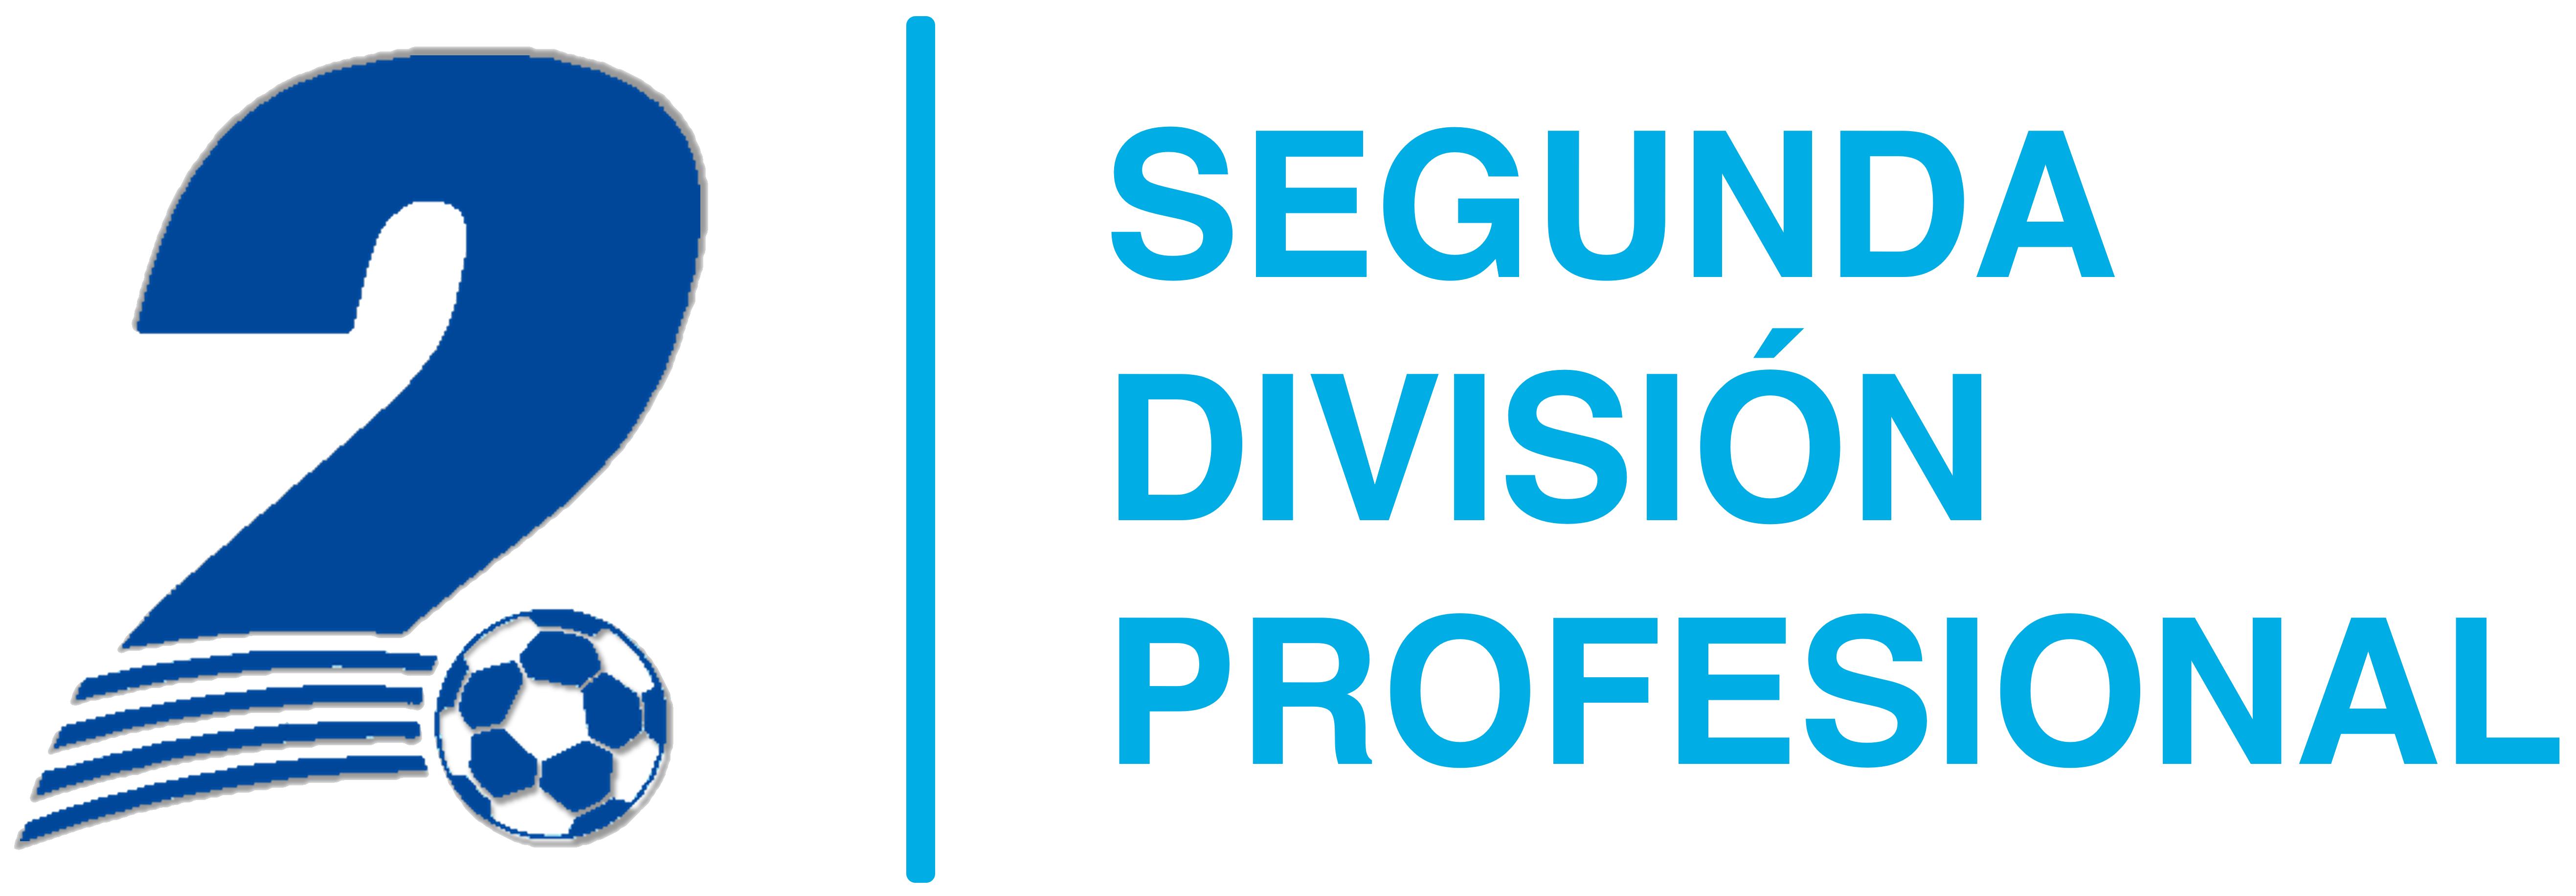 Uruguay - Segunda